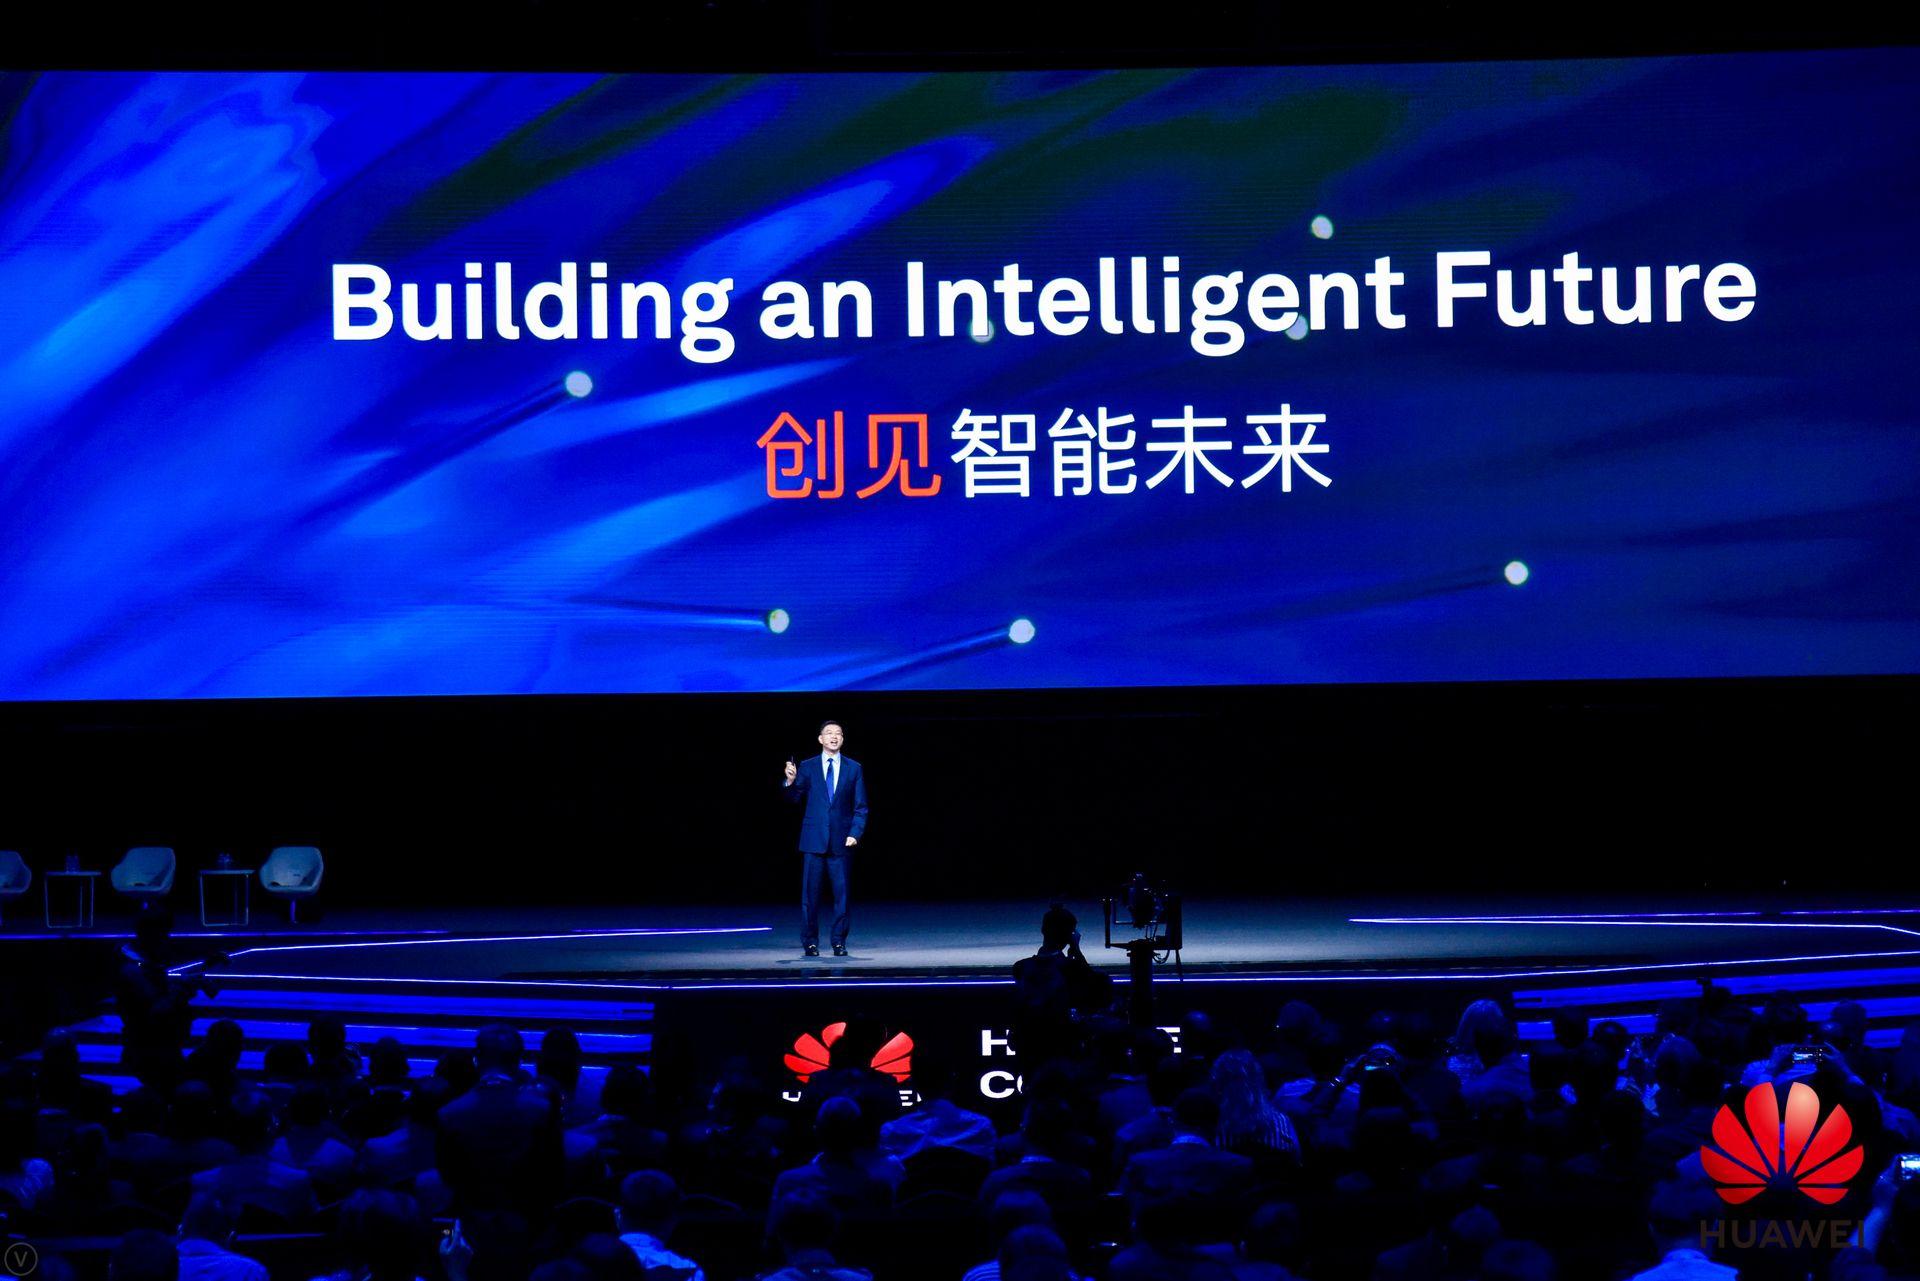 华为徐文伟:创见智能未来